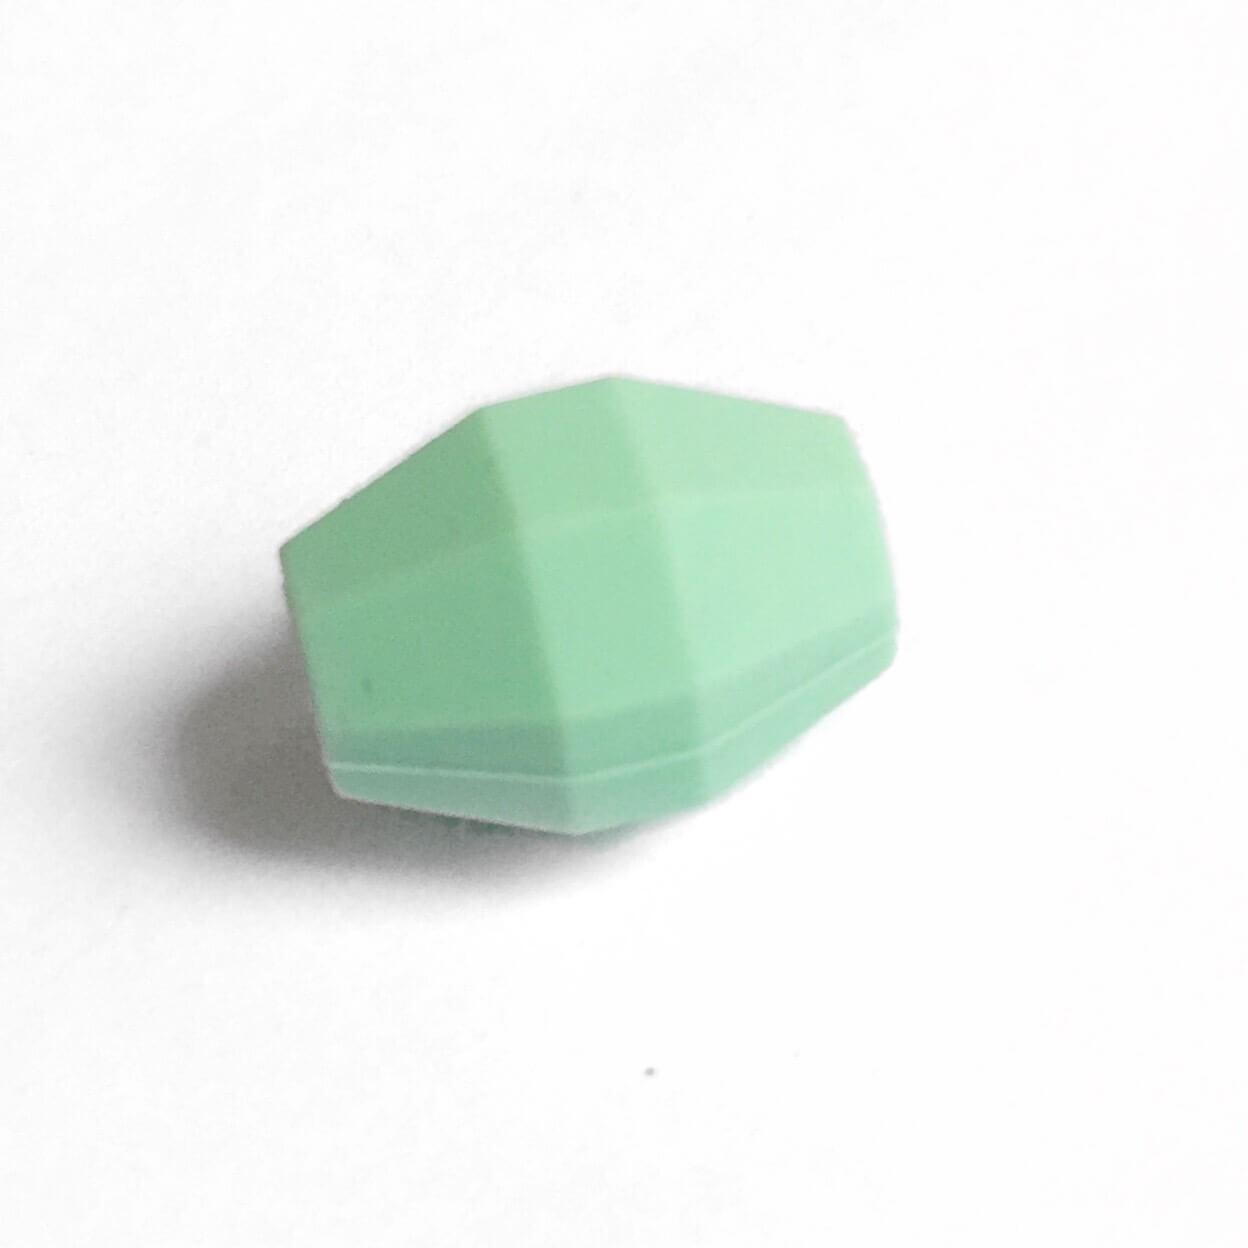 Бочка (мята)  бусина из силикона